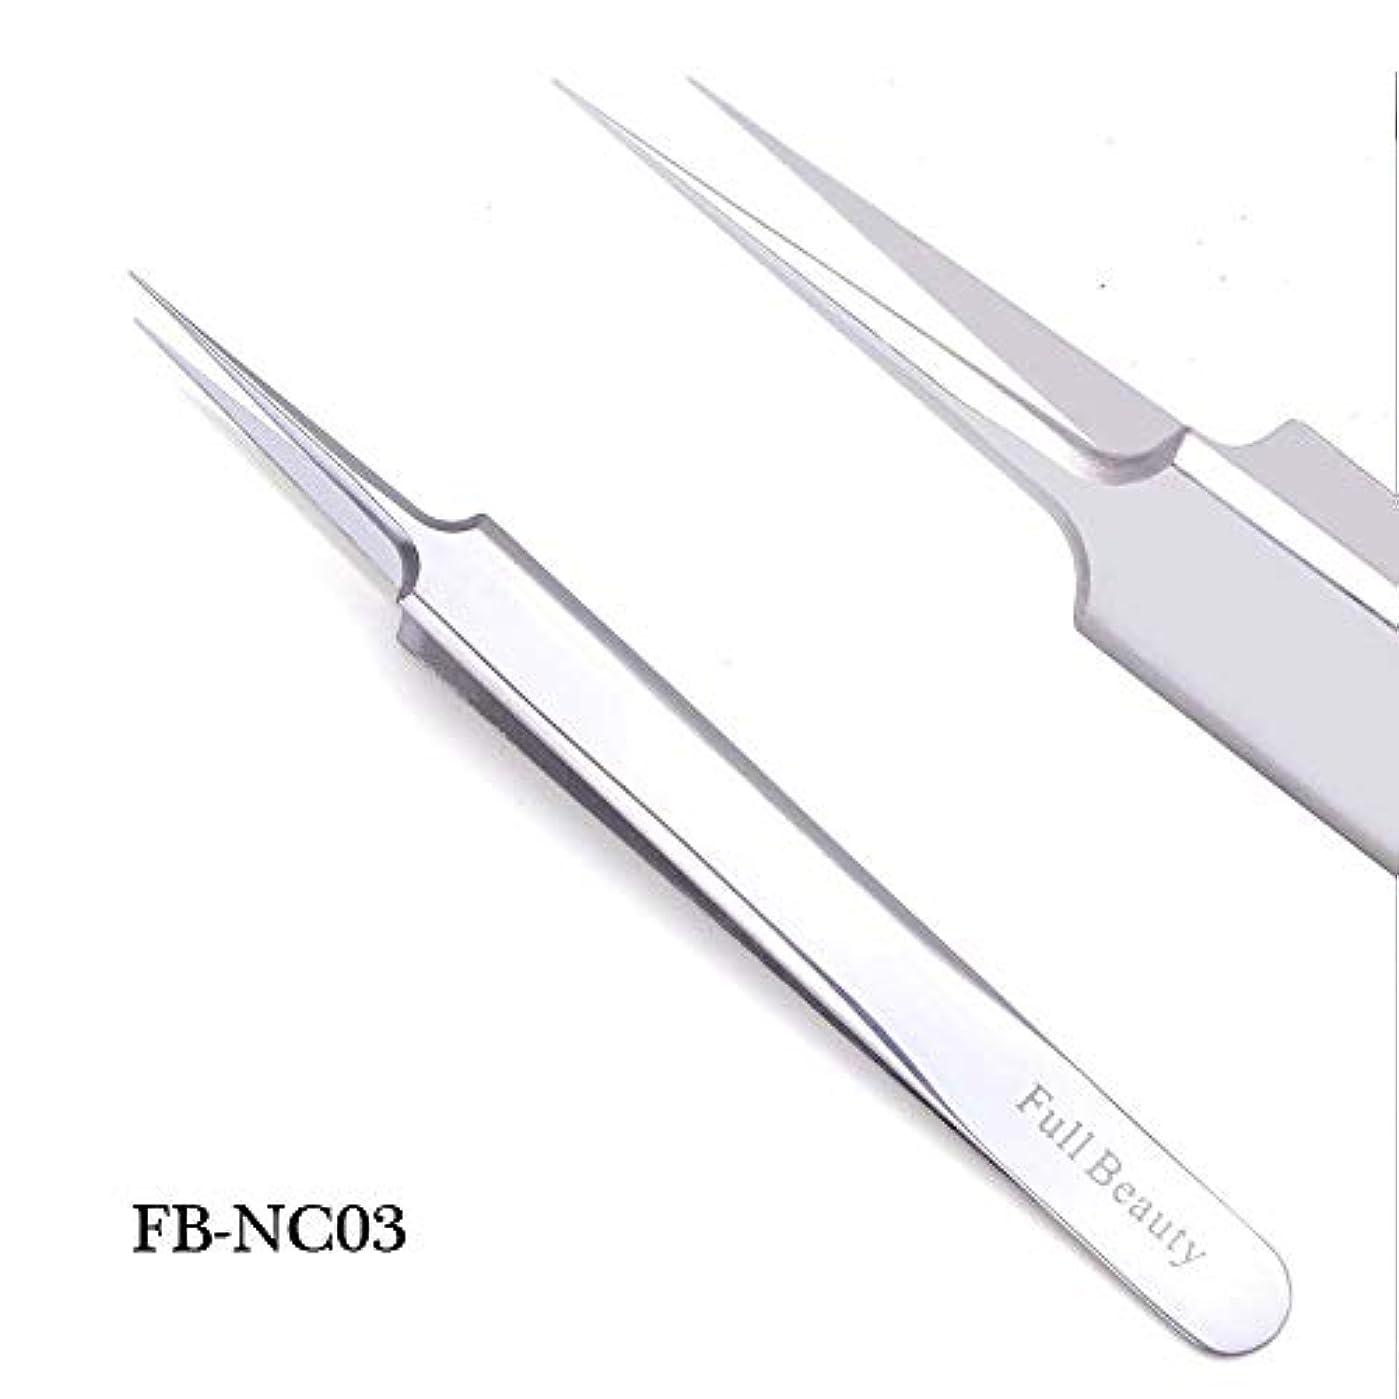 枯渇魔術十分ではない1ピーススライバーミラー眉毛ピンセット湾曲ストレートまつげエクステンションネイルニッパーにきびクリーニング化粧道具マニキュアSAFBNC01-04 FB-NC03